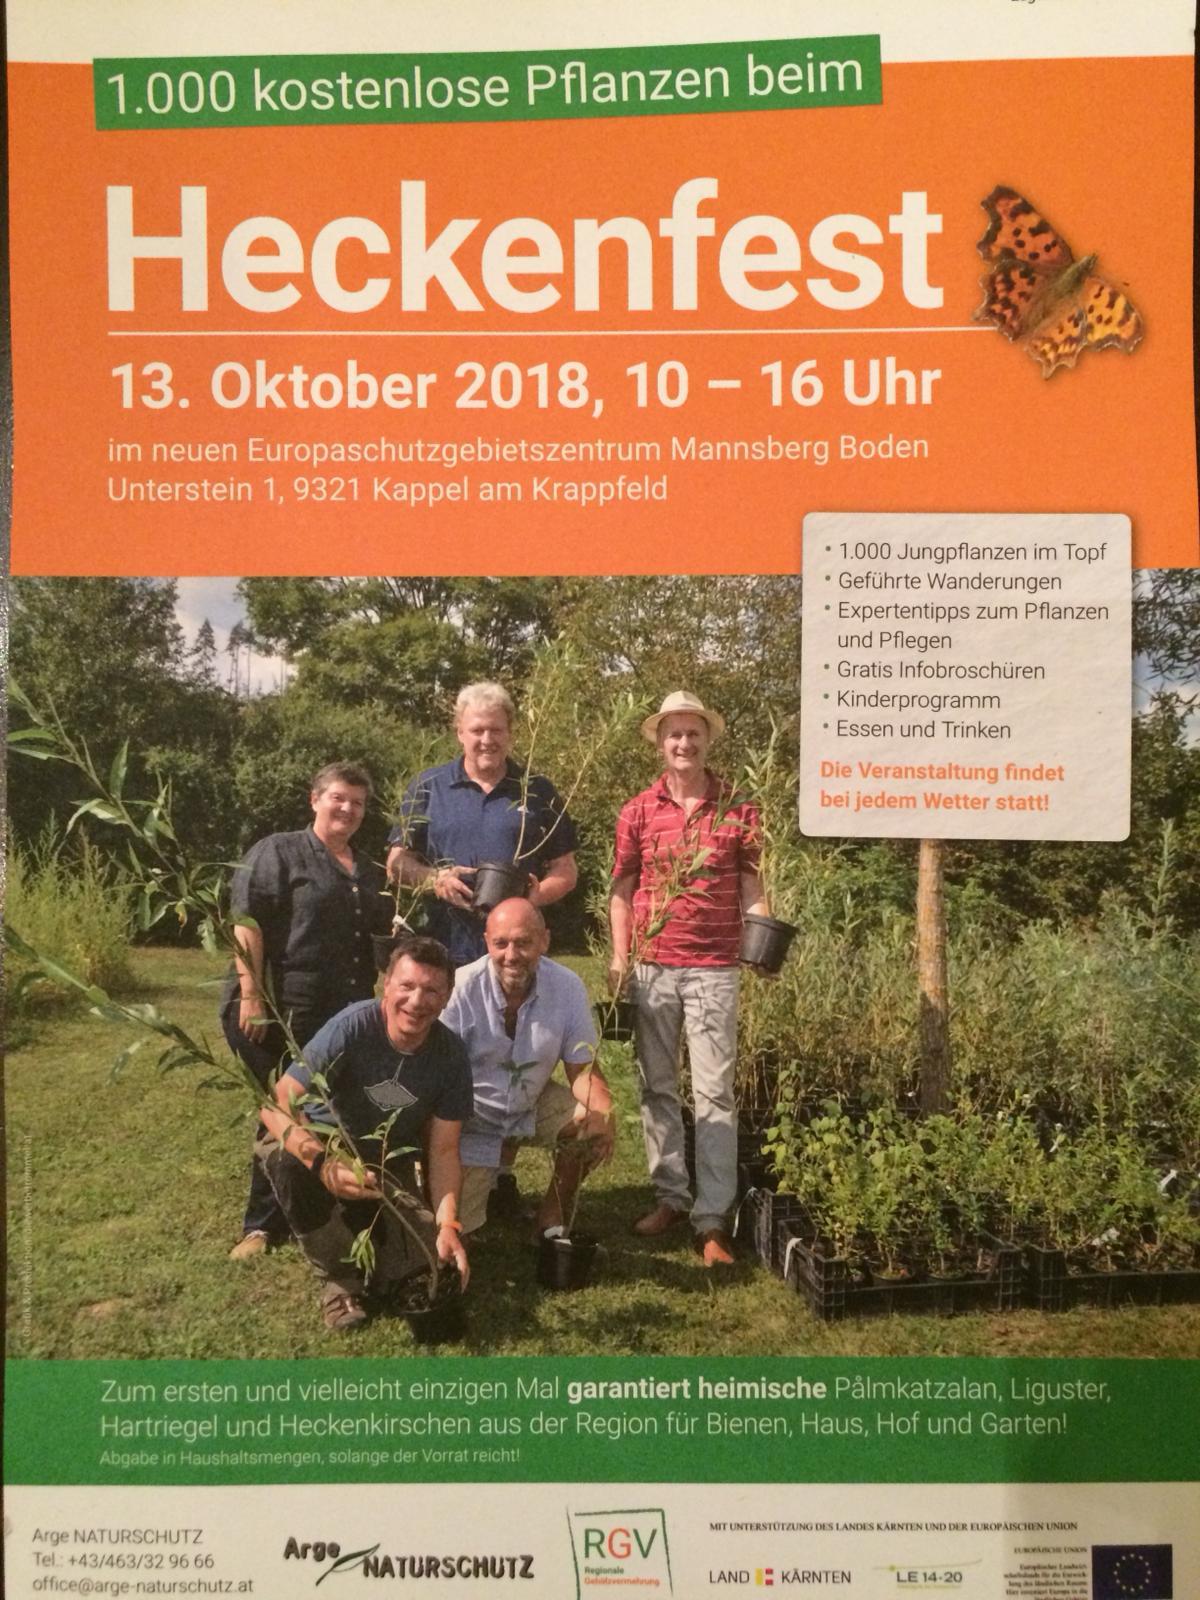 Heckenfest